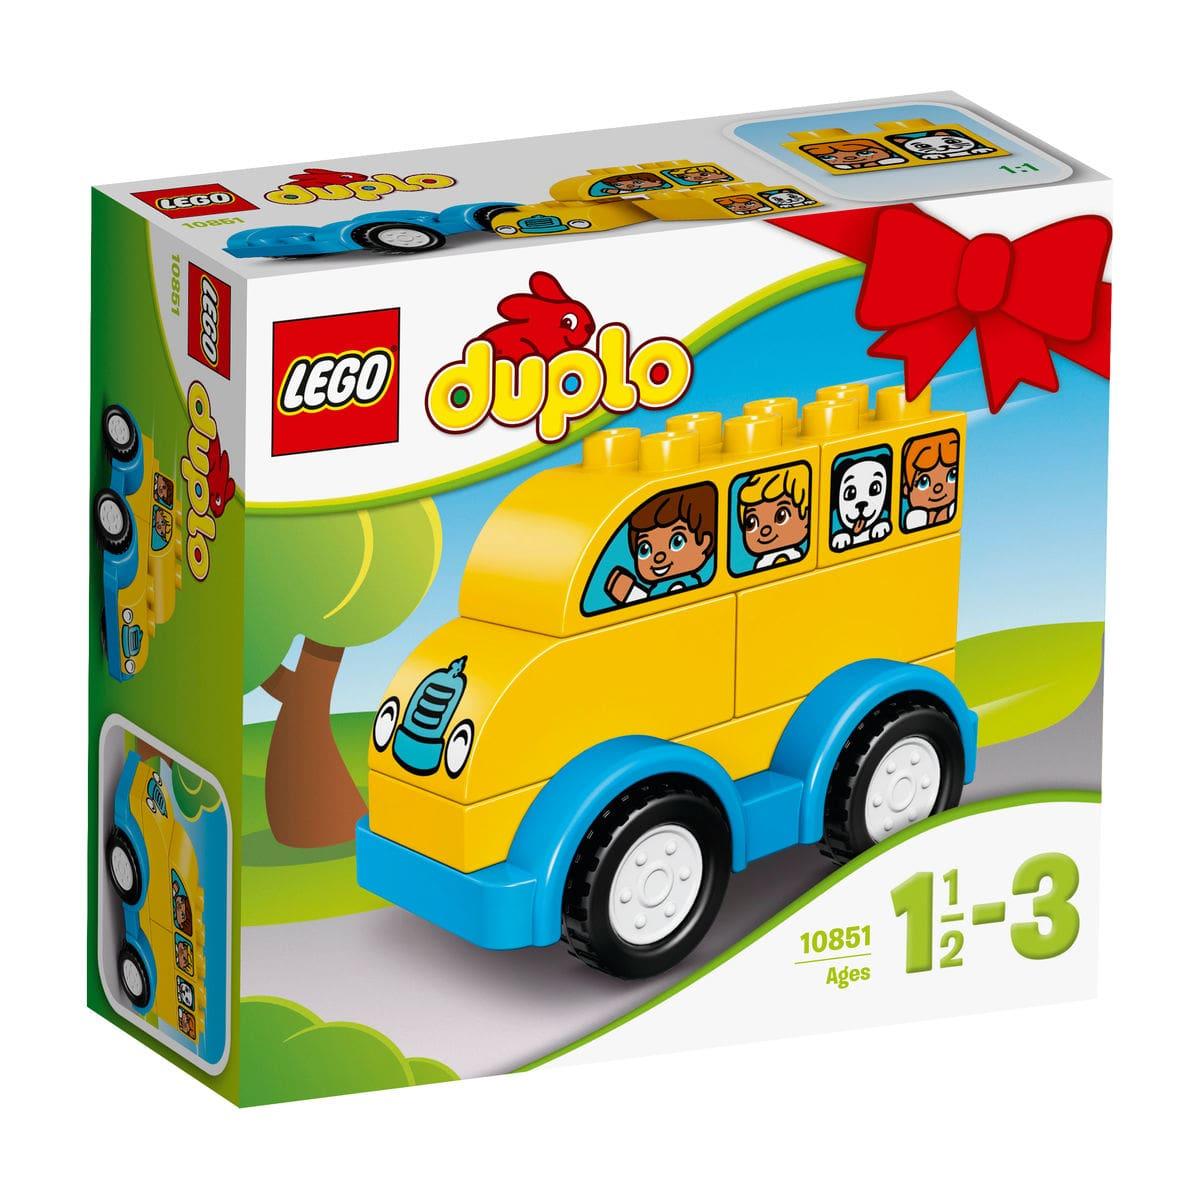 LEGO DUPLO Il mio primo autobus 10851